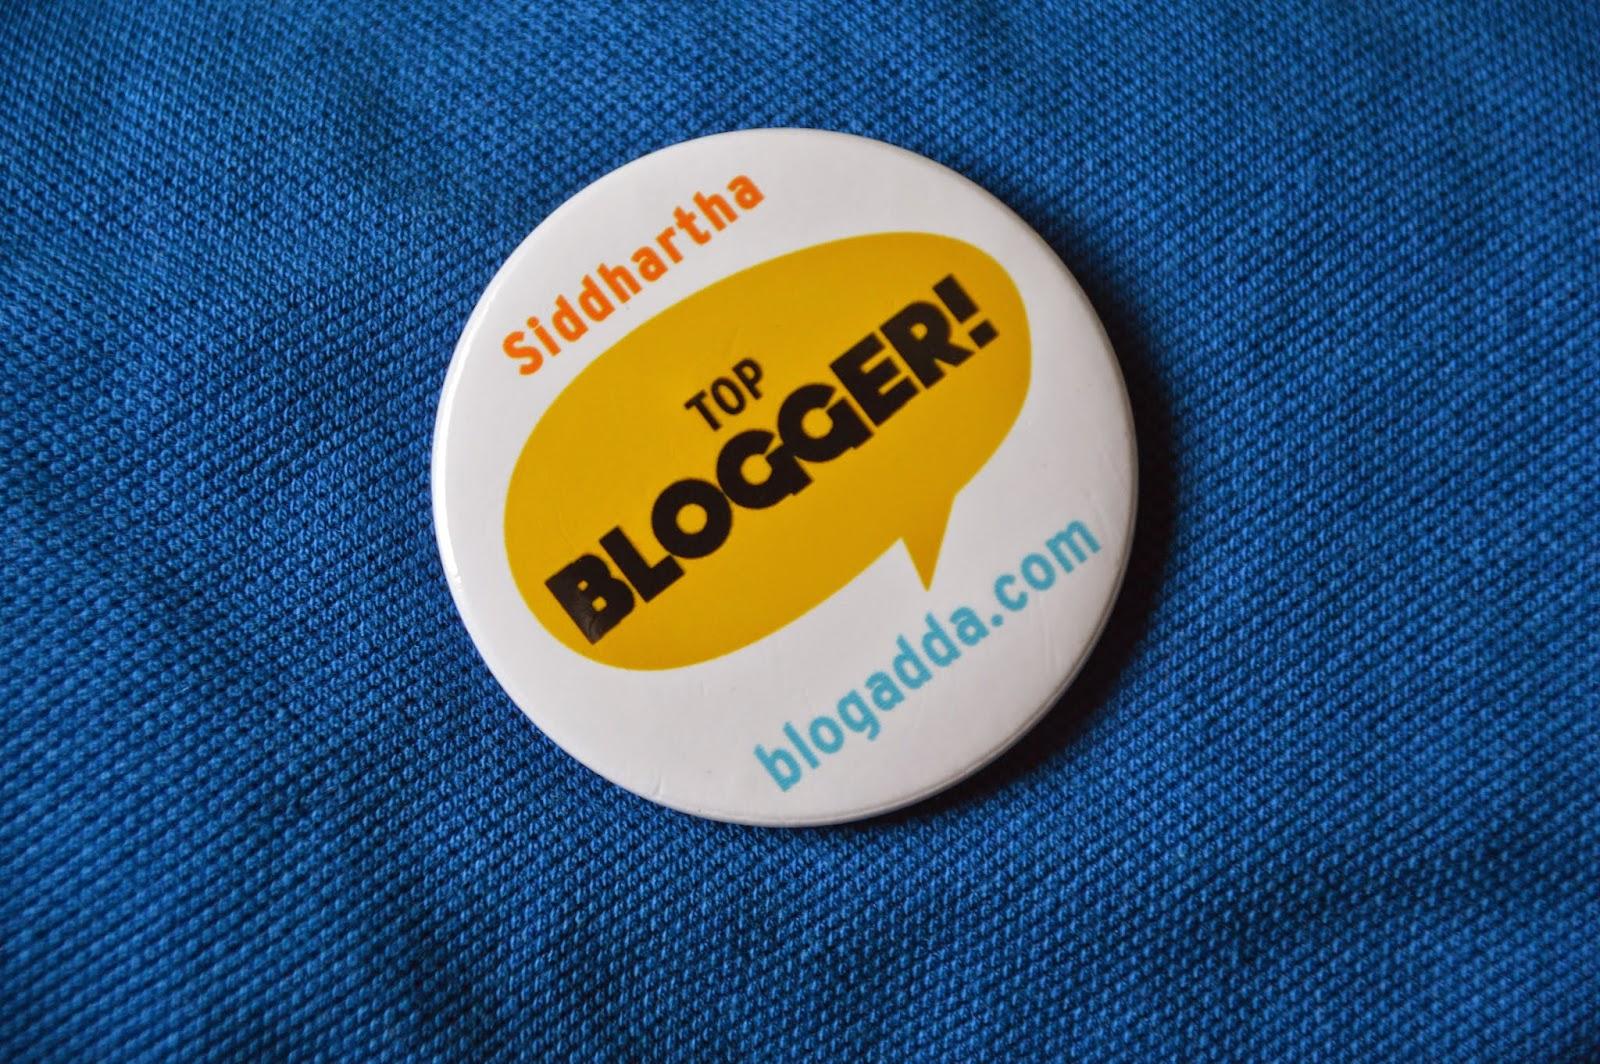 tata zest review goa blogadda blogger